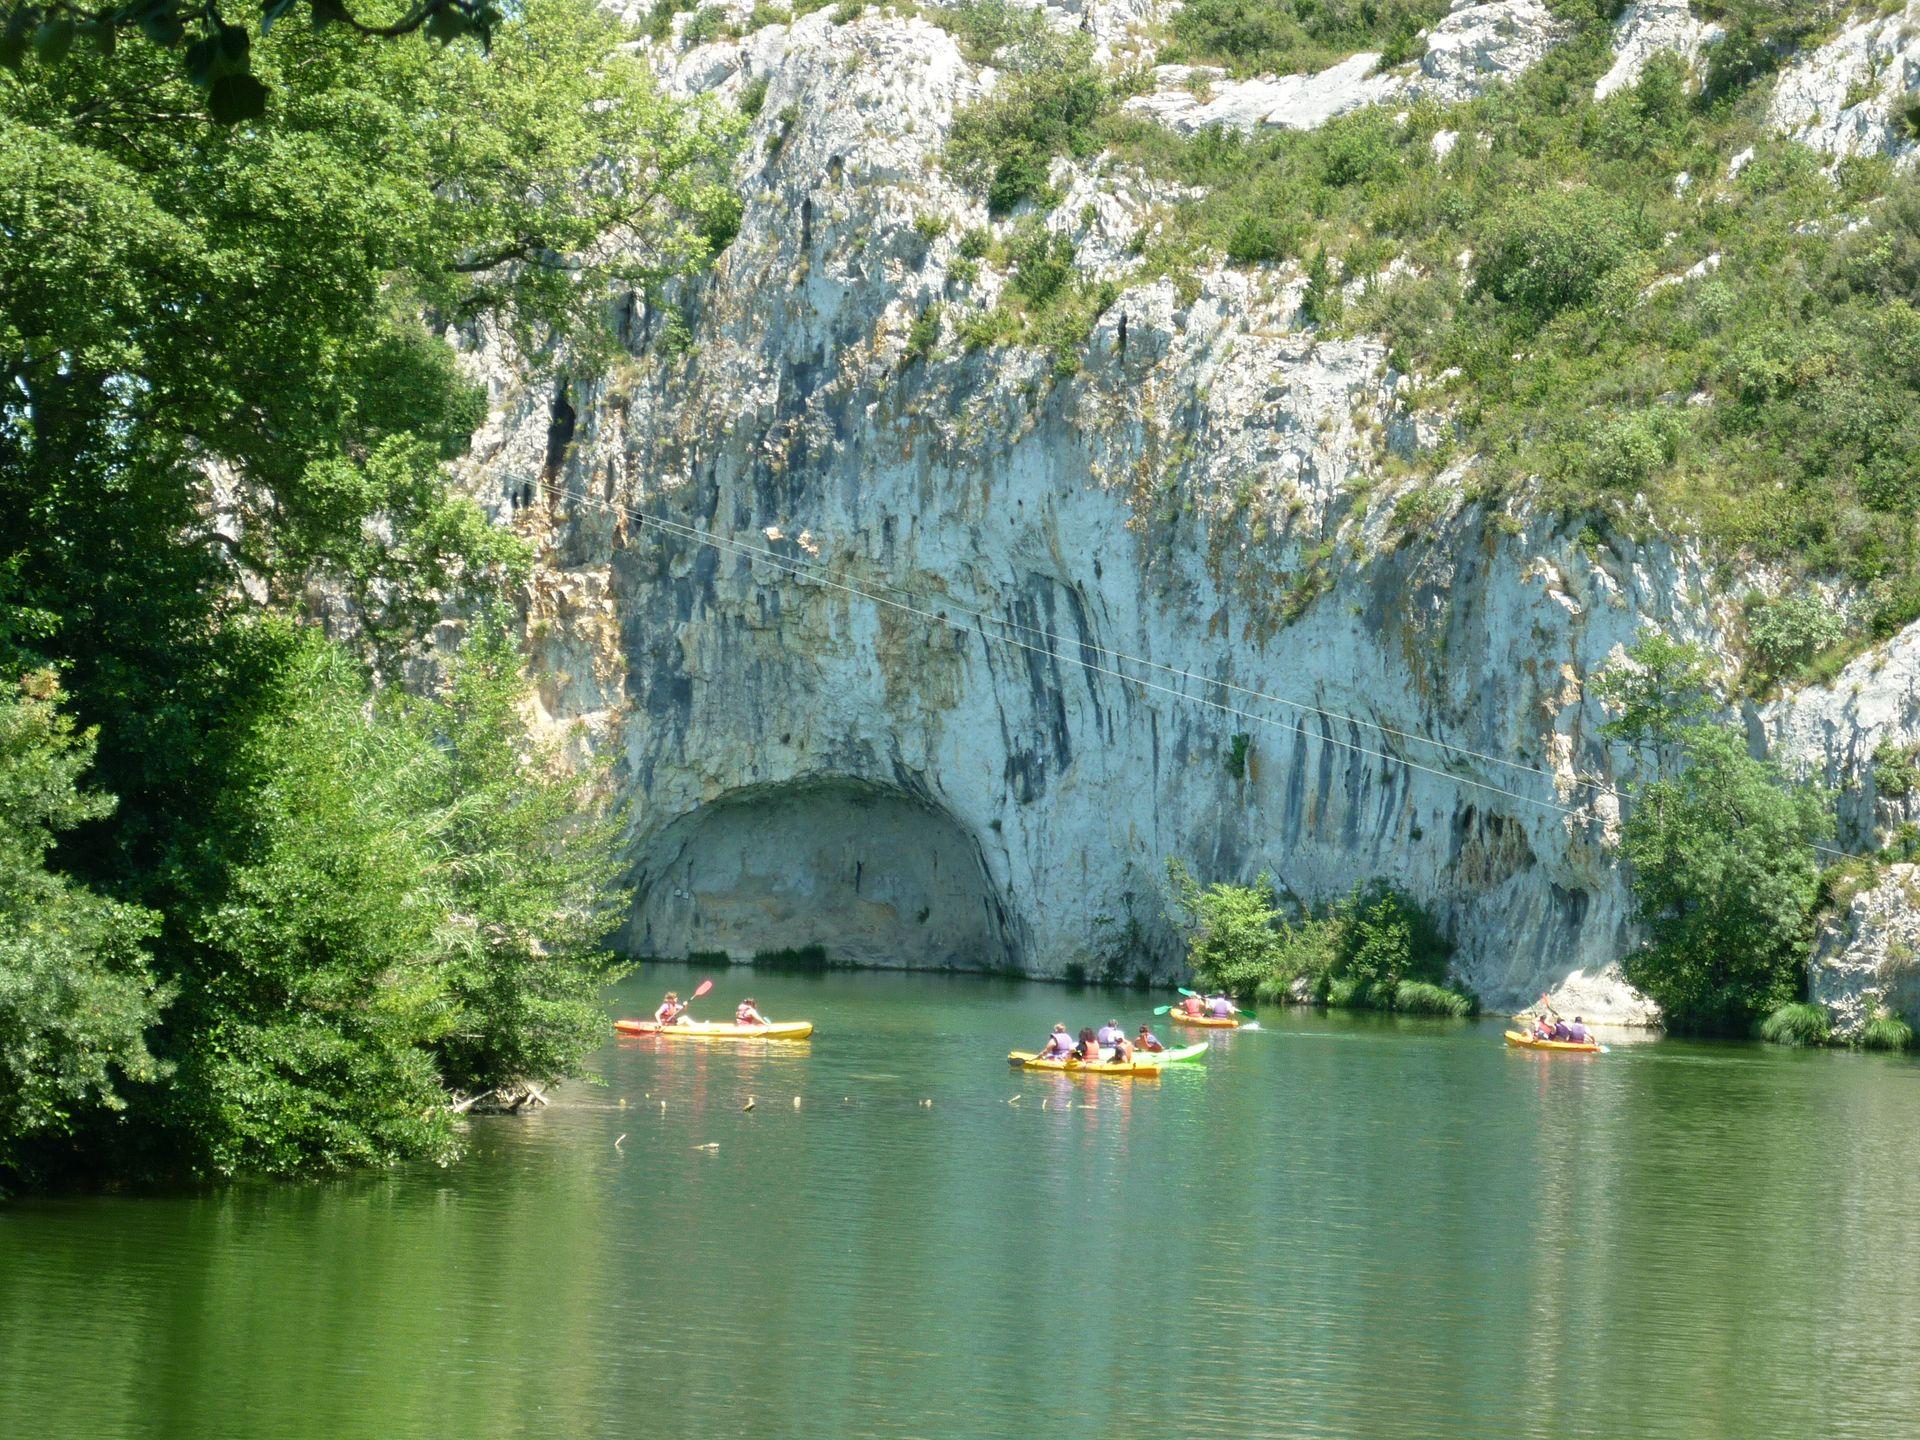 St Series Canoe sur le Virdourle